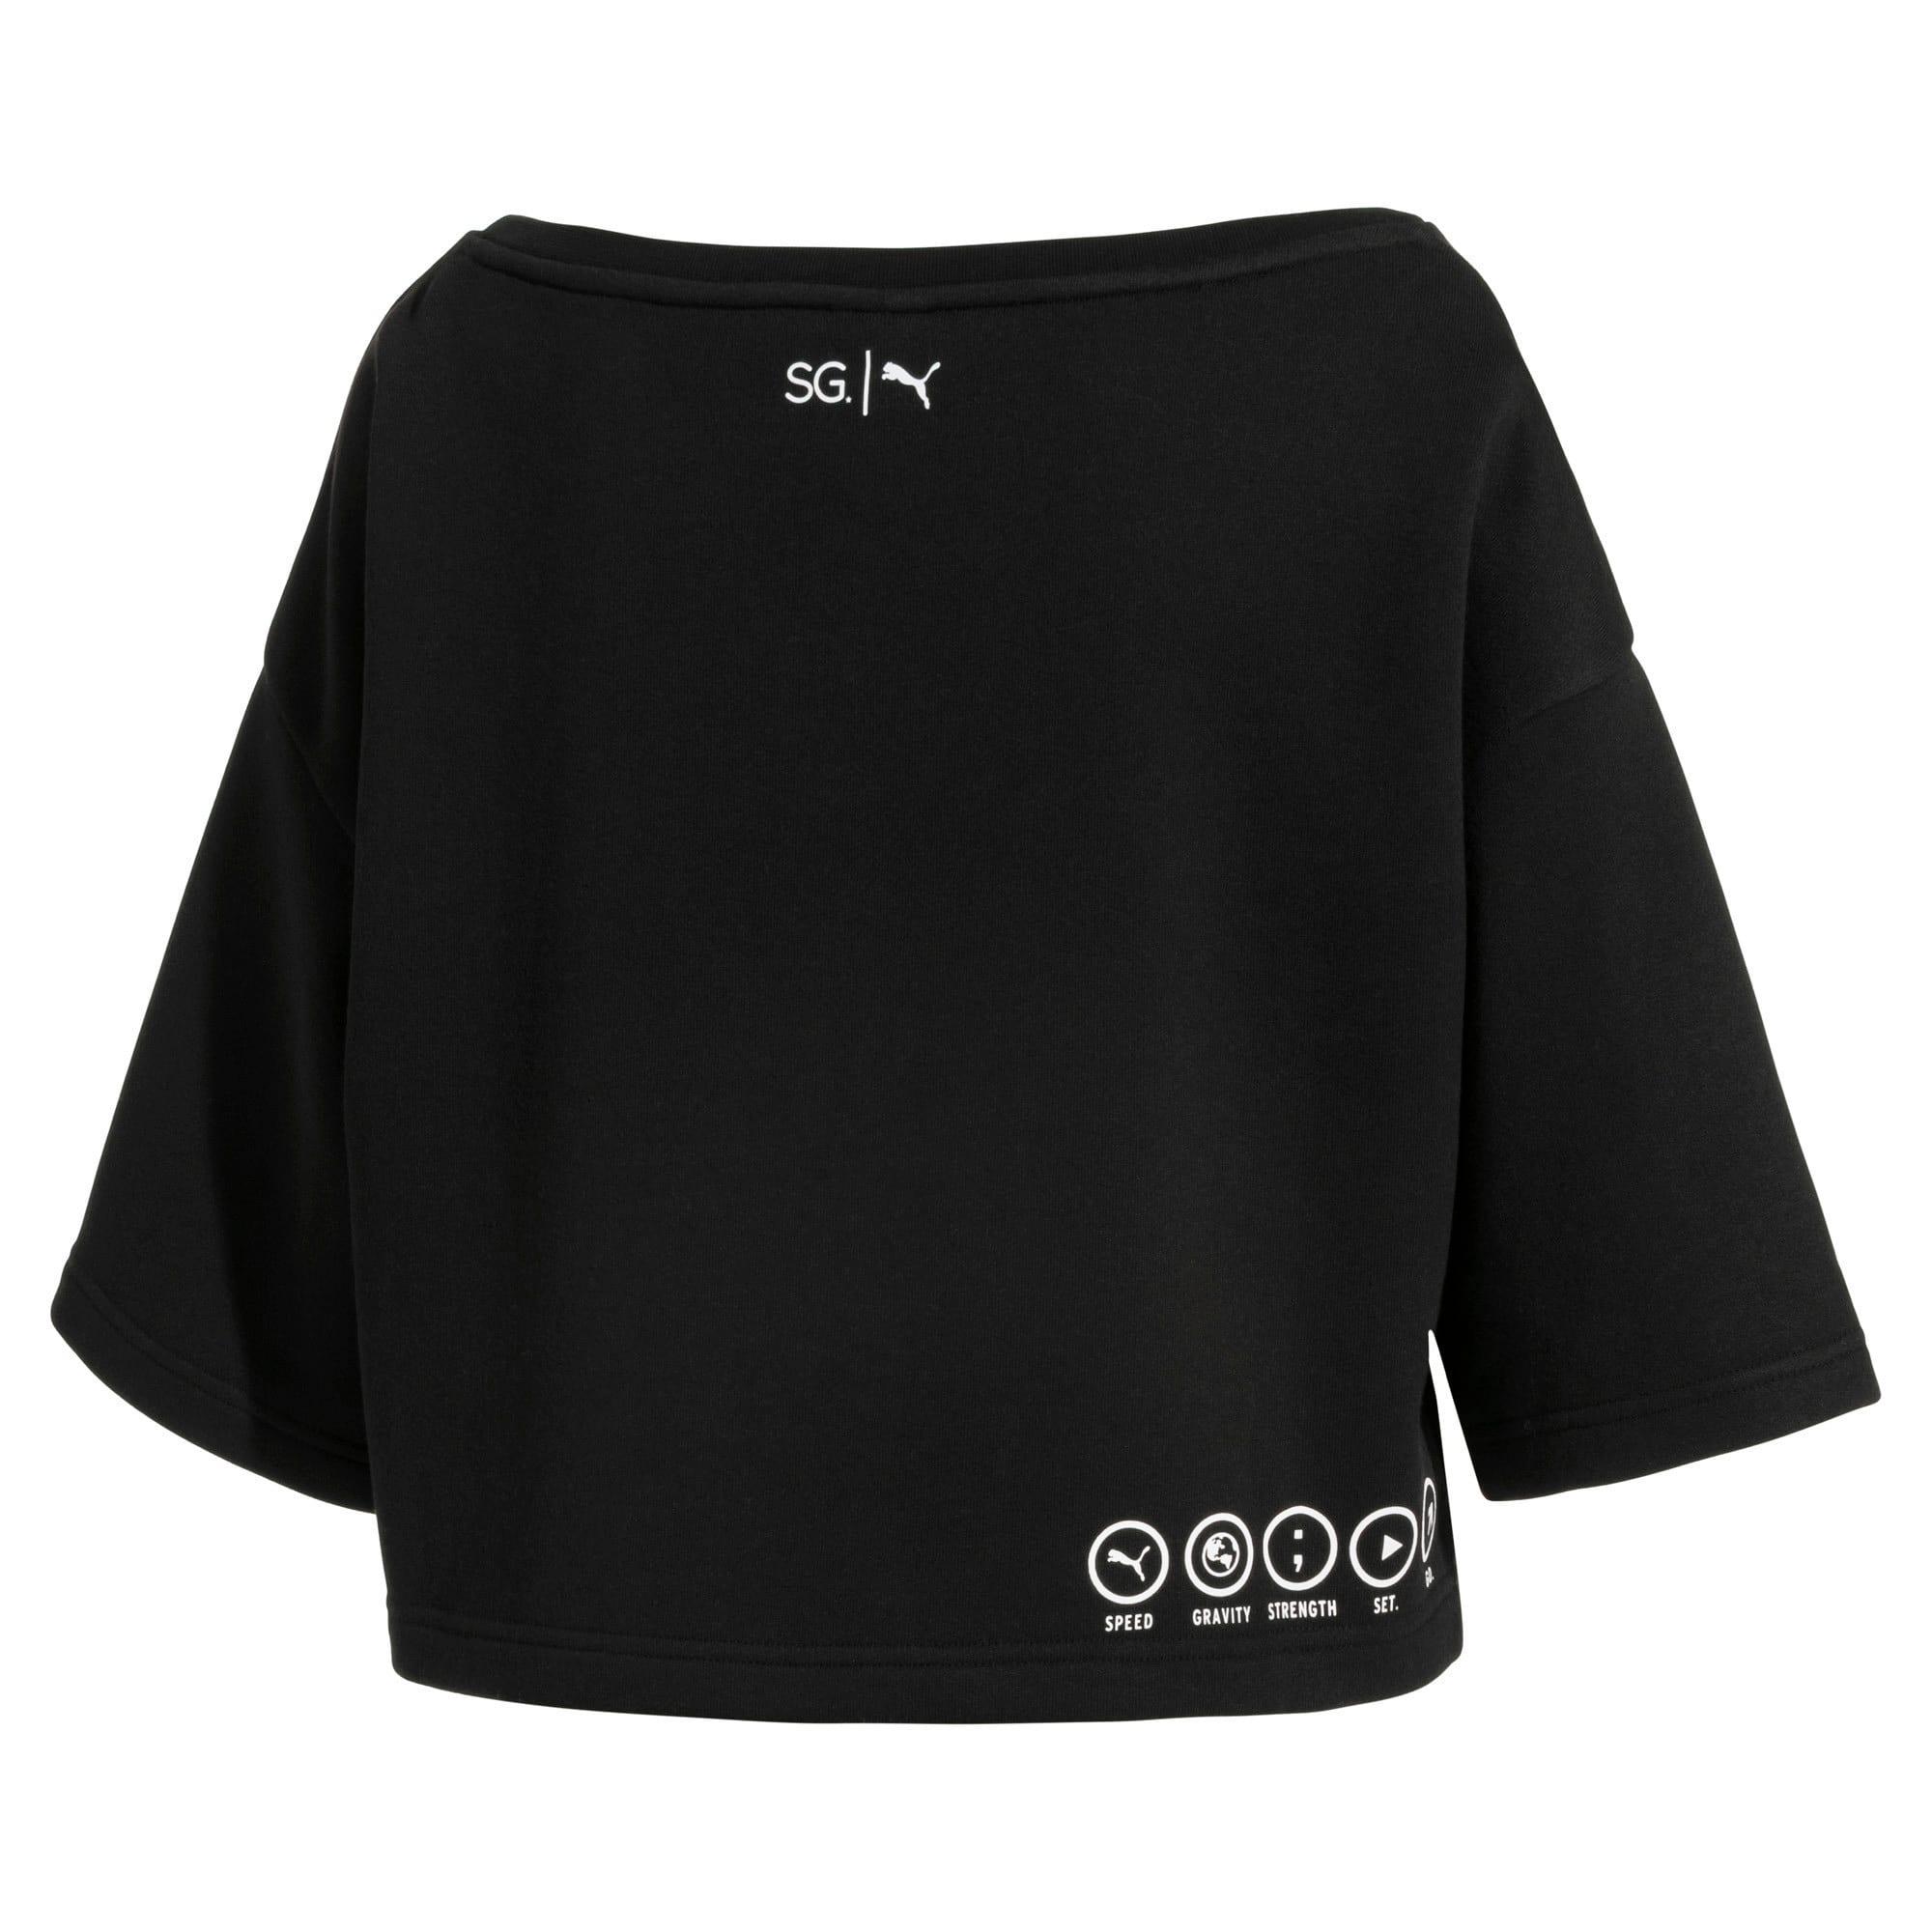 Thumbnail 6 of SG x PUMA ウィメンズ スウェットシャツ, Puma Black, medium-JPN